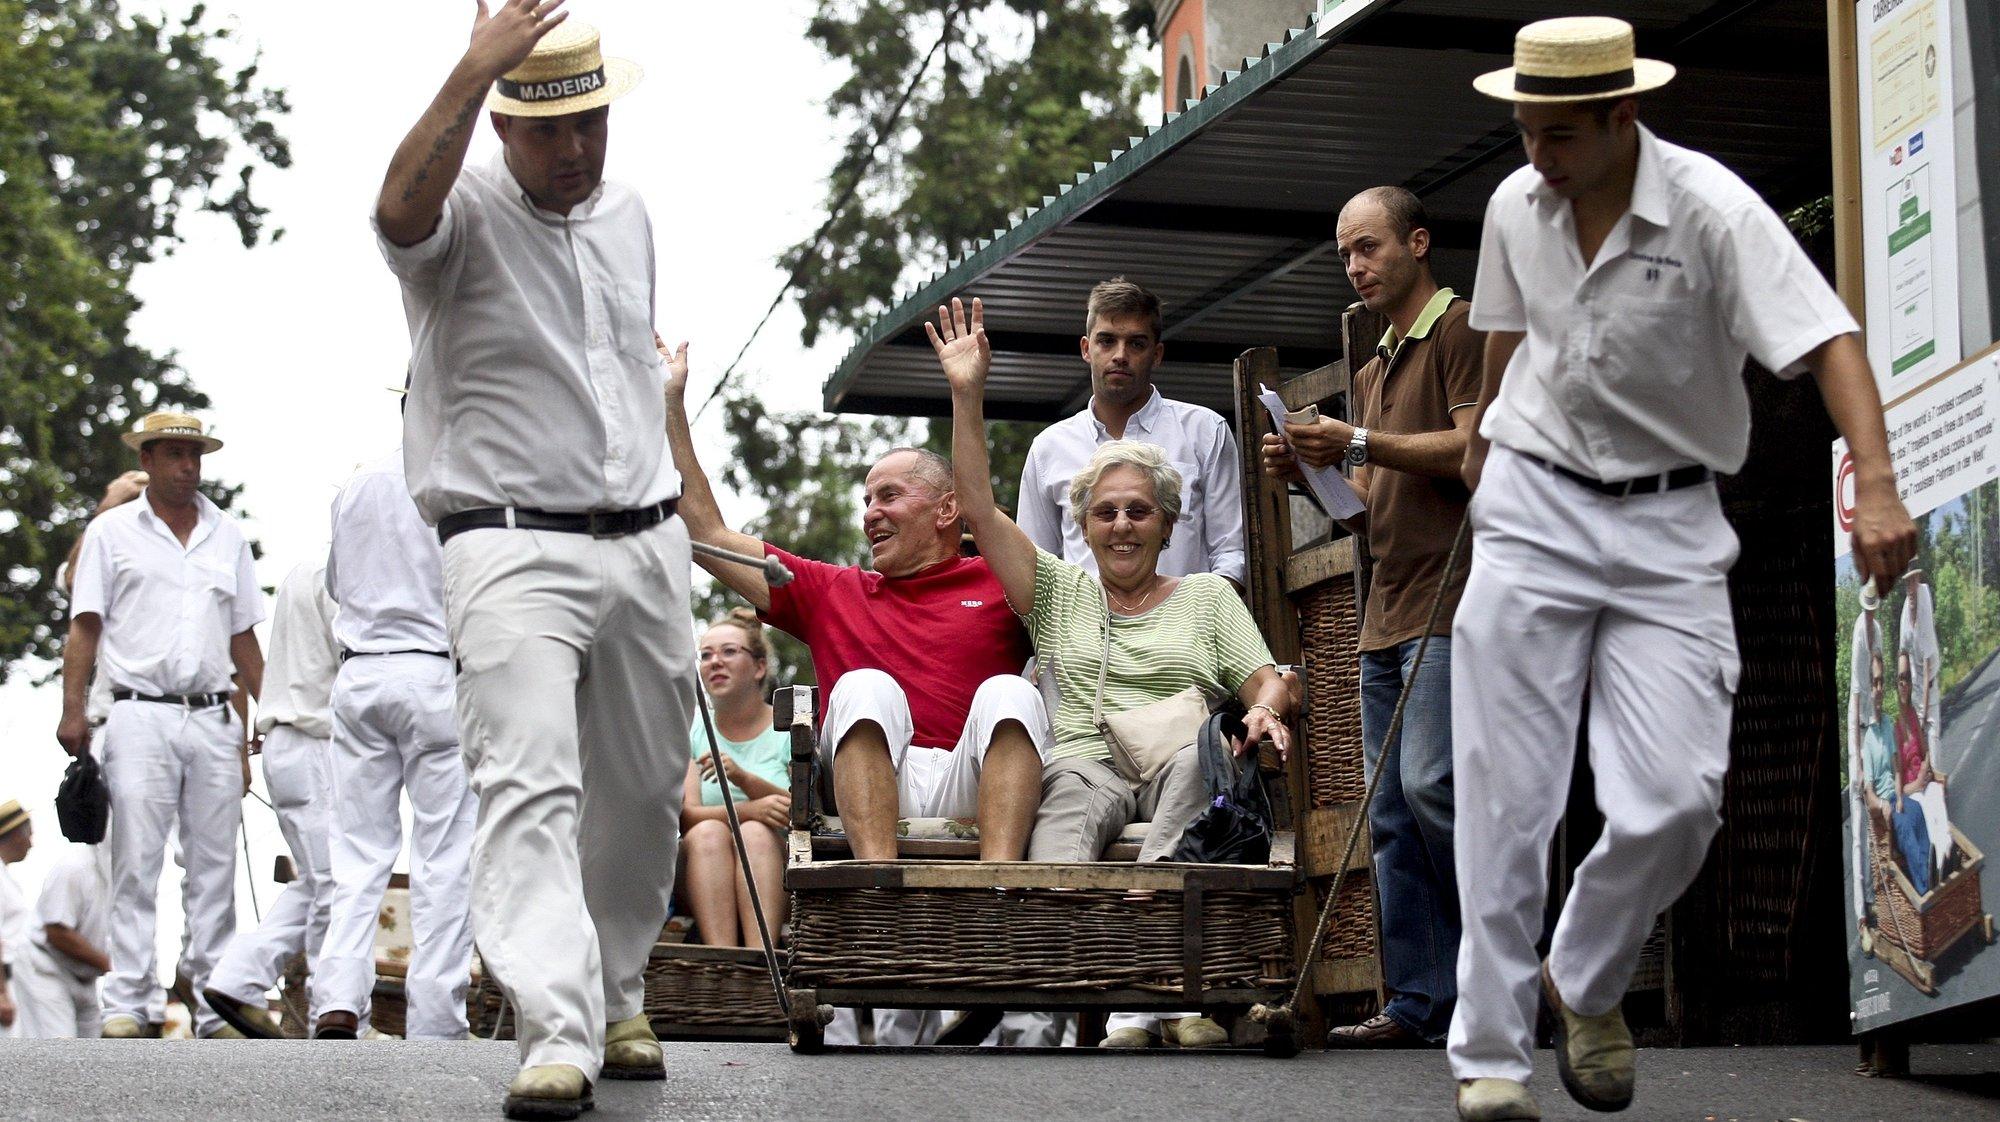 """Os tradicionais carreiros e respetivos carros de cesto do Monte, vão estar no dia 23 de setembro em Lisboa, fazendo descidas na Rua do Carmo, numa ação de promoção do destino turístico """"Madeira"""", Funchal. 20 Setembro de 2015 ( ACOMPANHA TEXTO). HOMEM DE GOUVEIA/LUSA"""